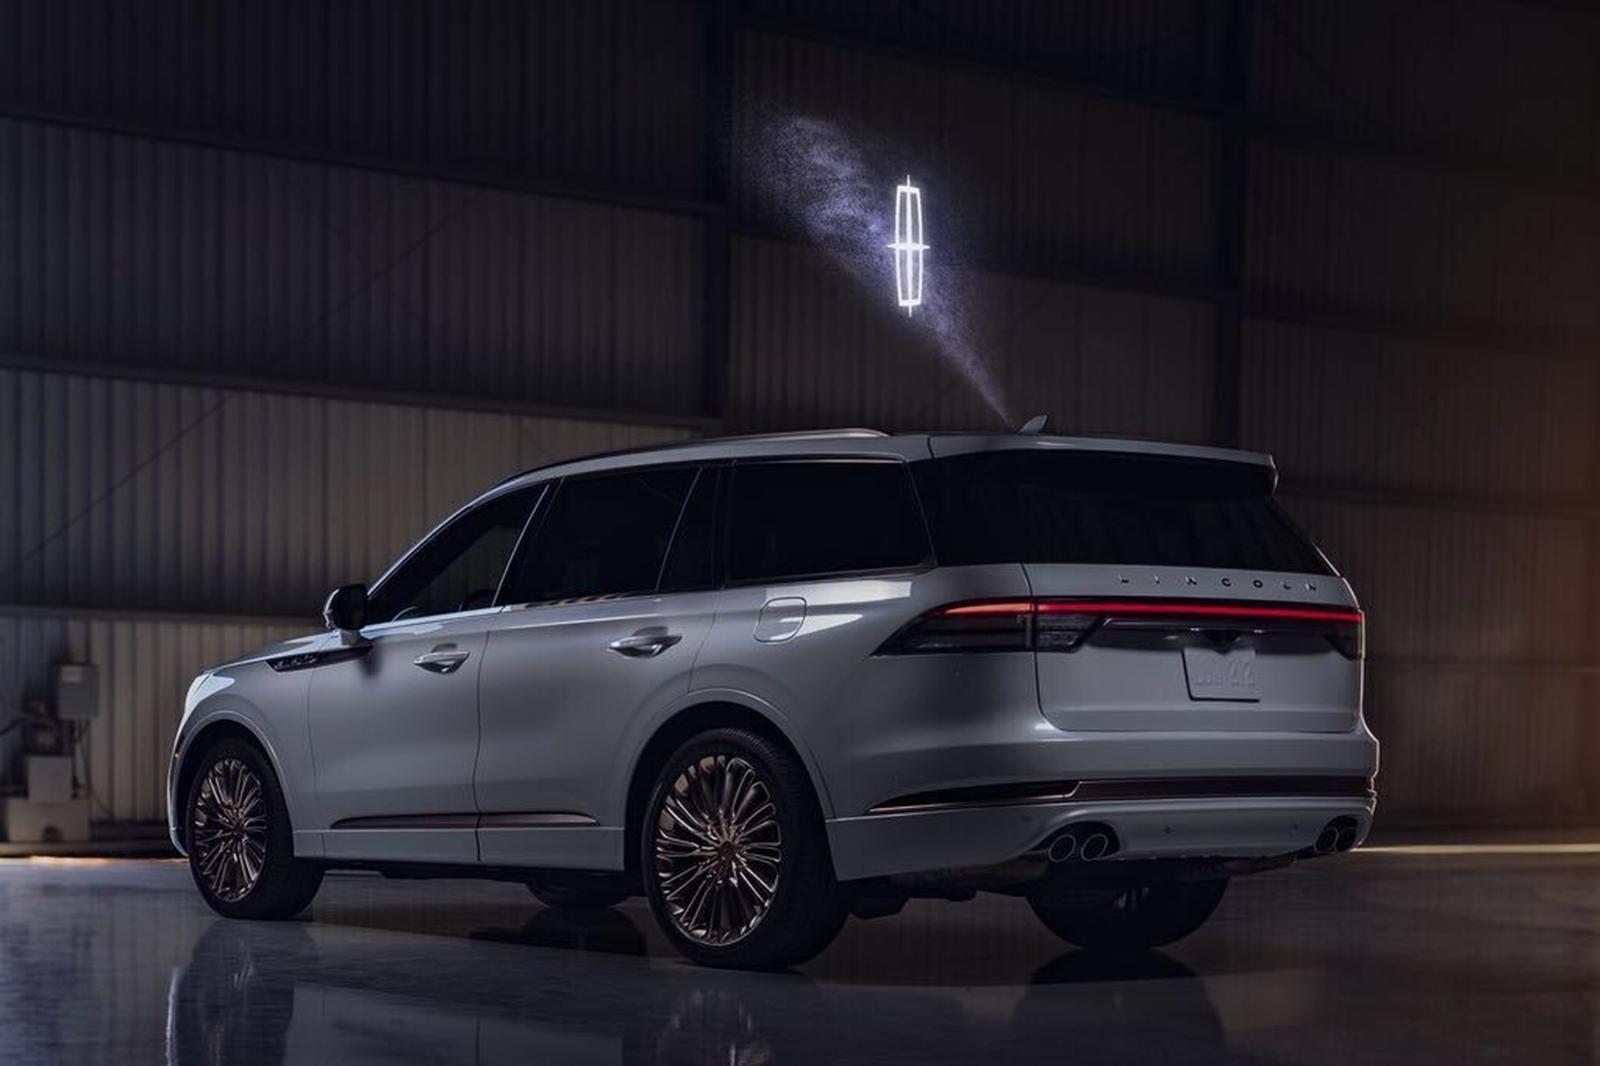 Công nghệ chiếu hình ảnh 3D trên xe Ford